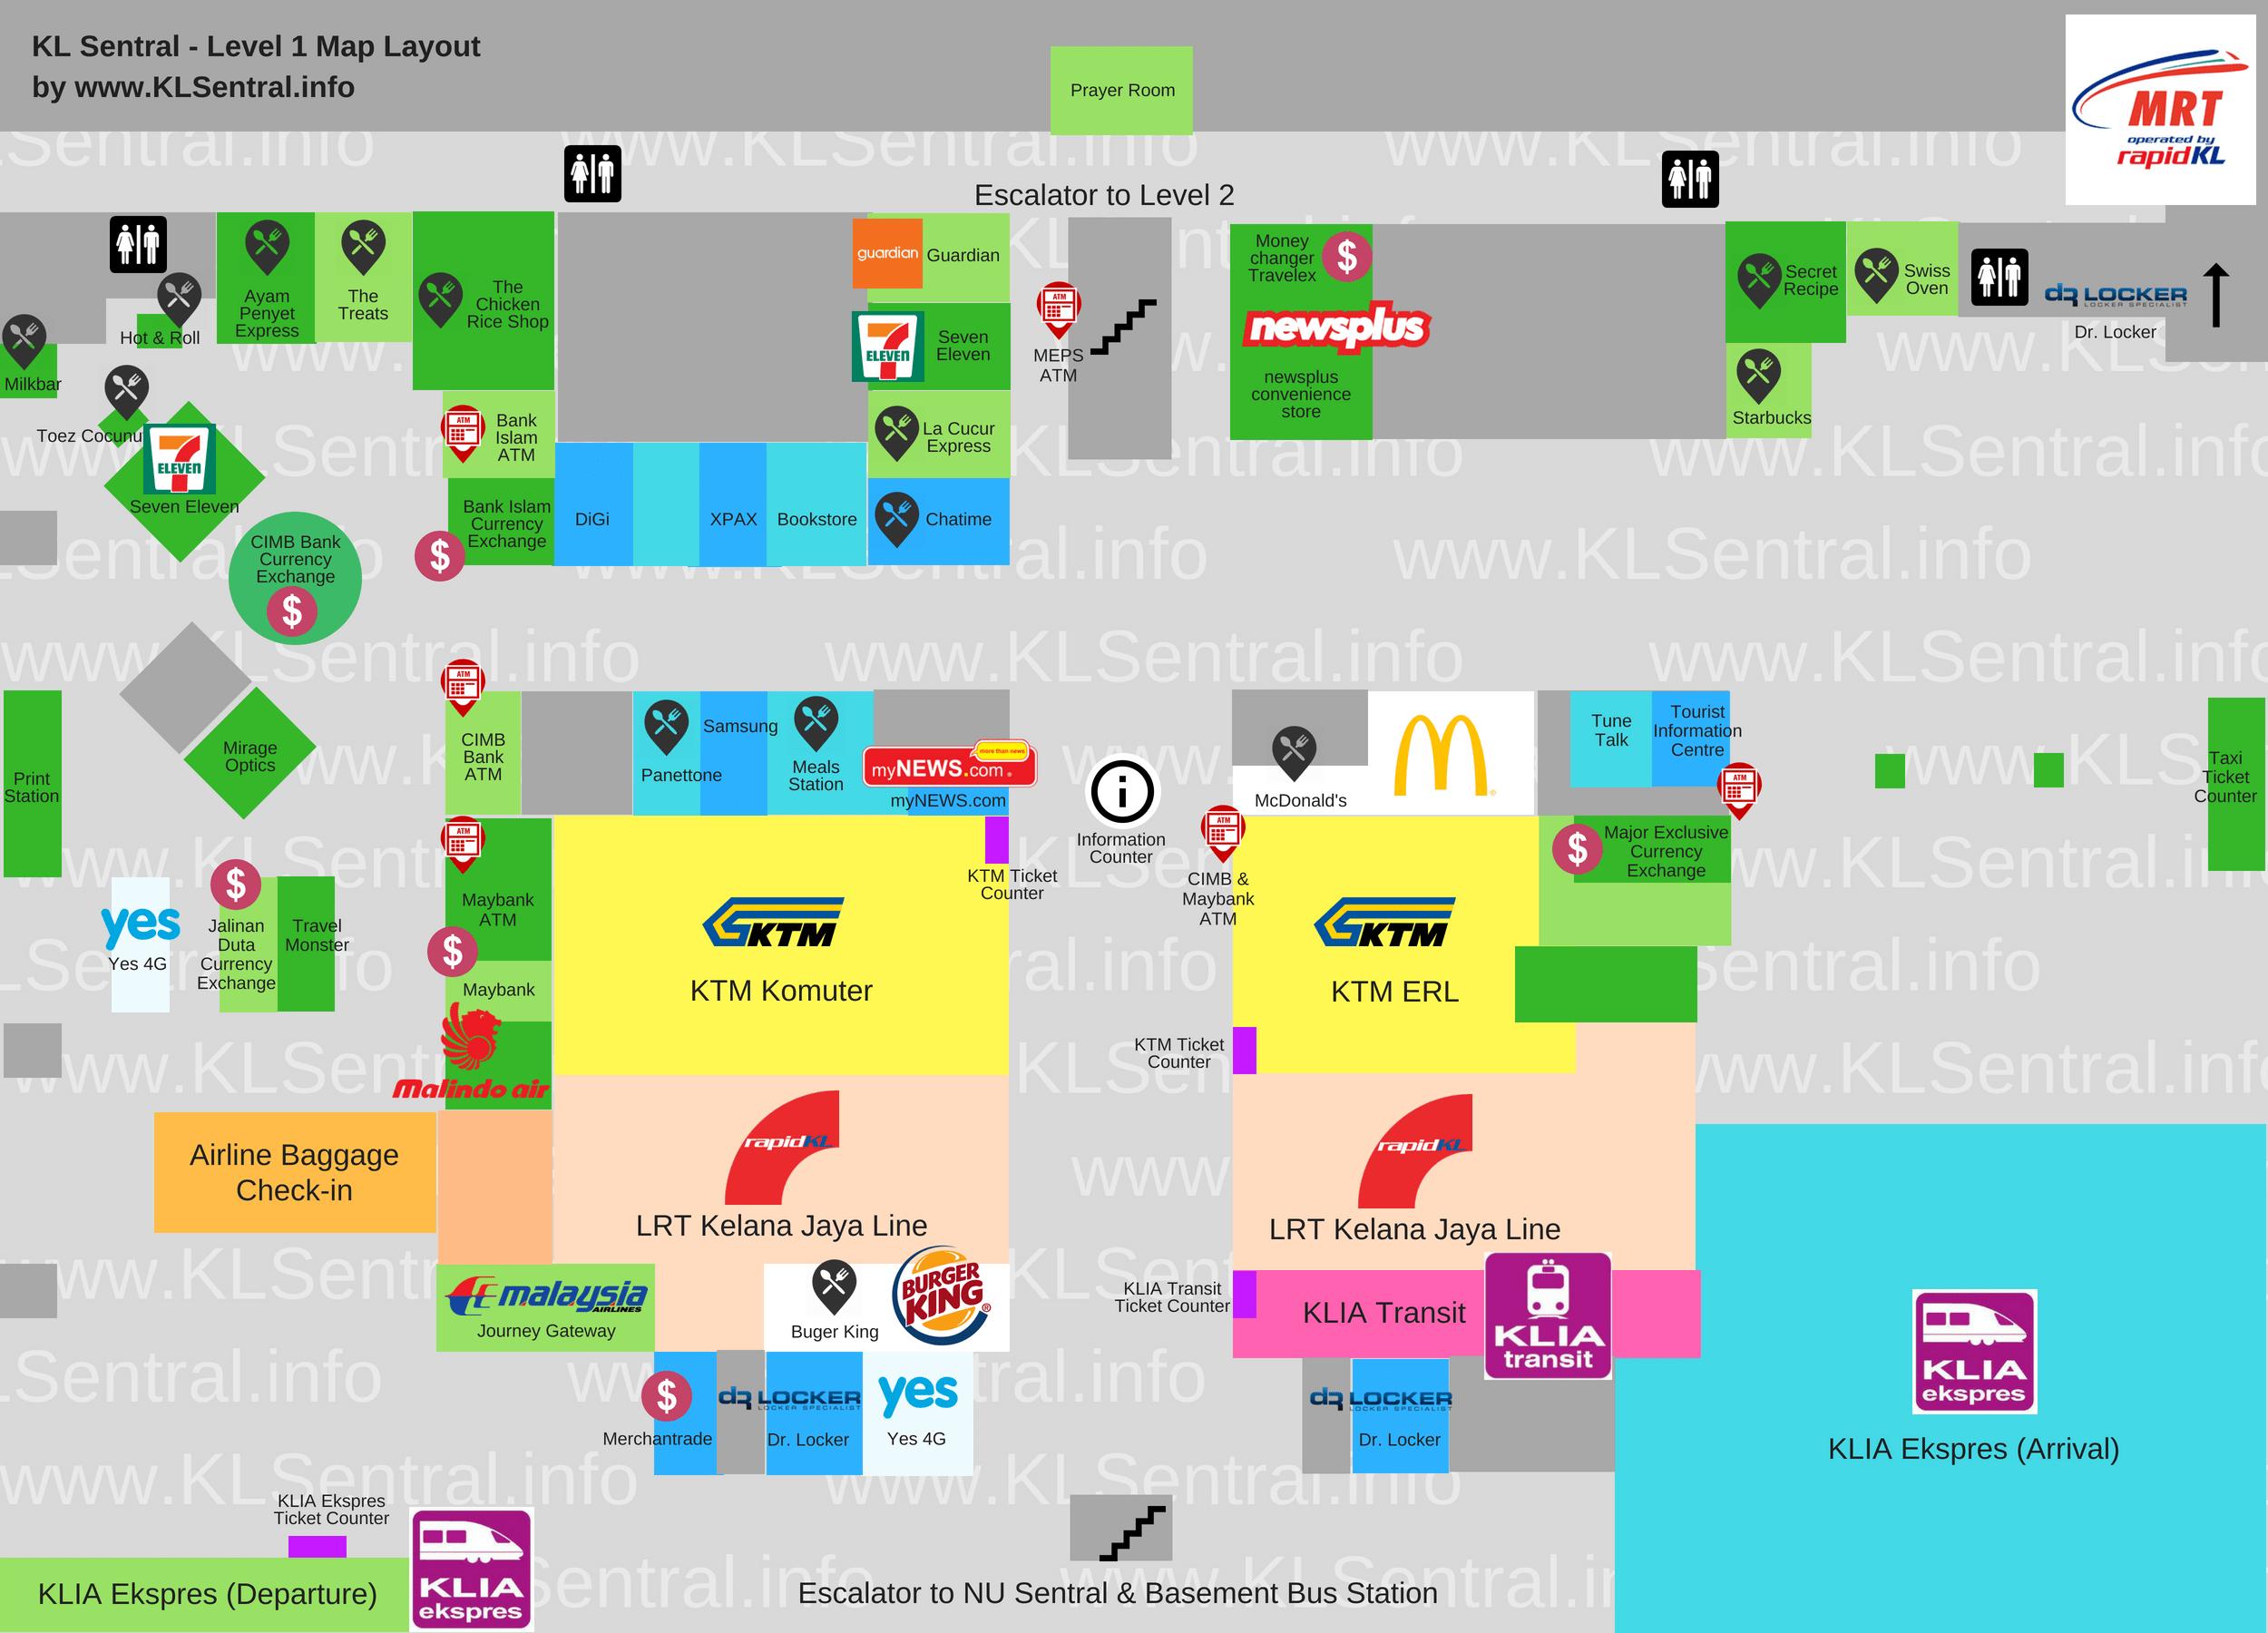 KL Sentral Station Directory Level 1